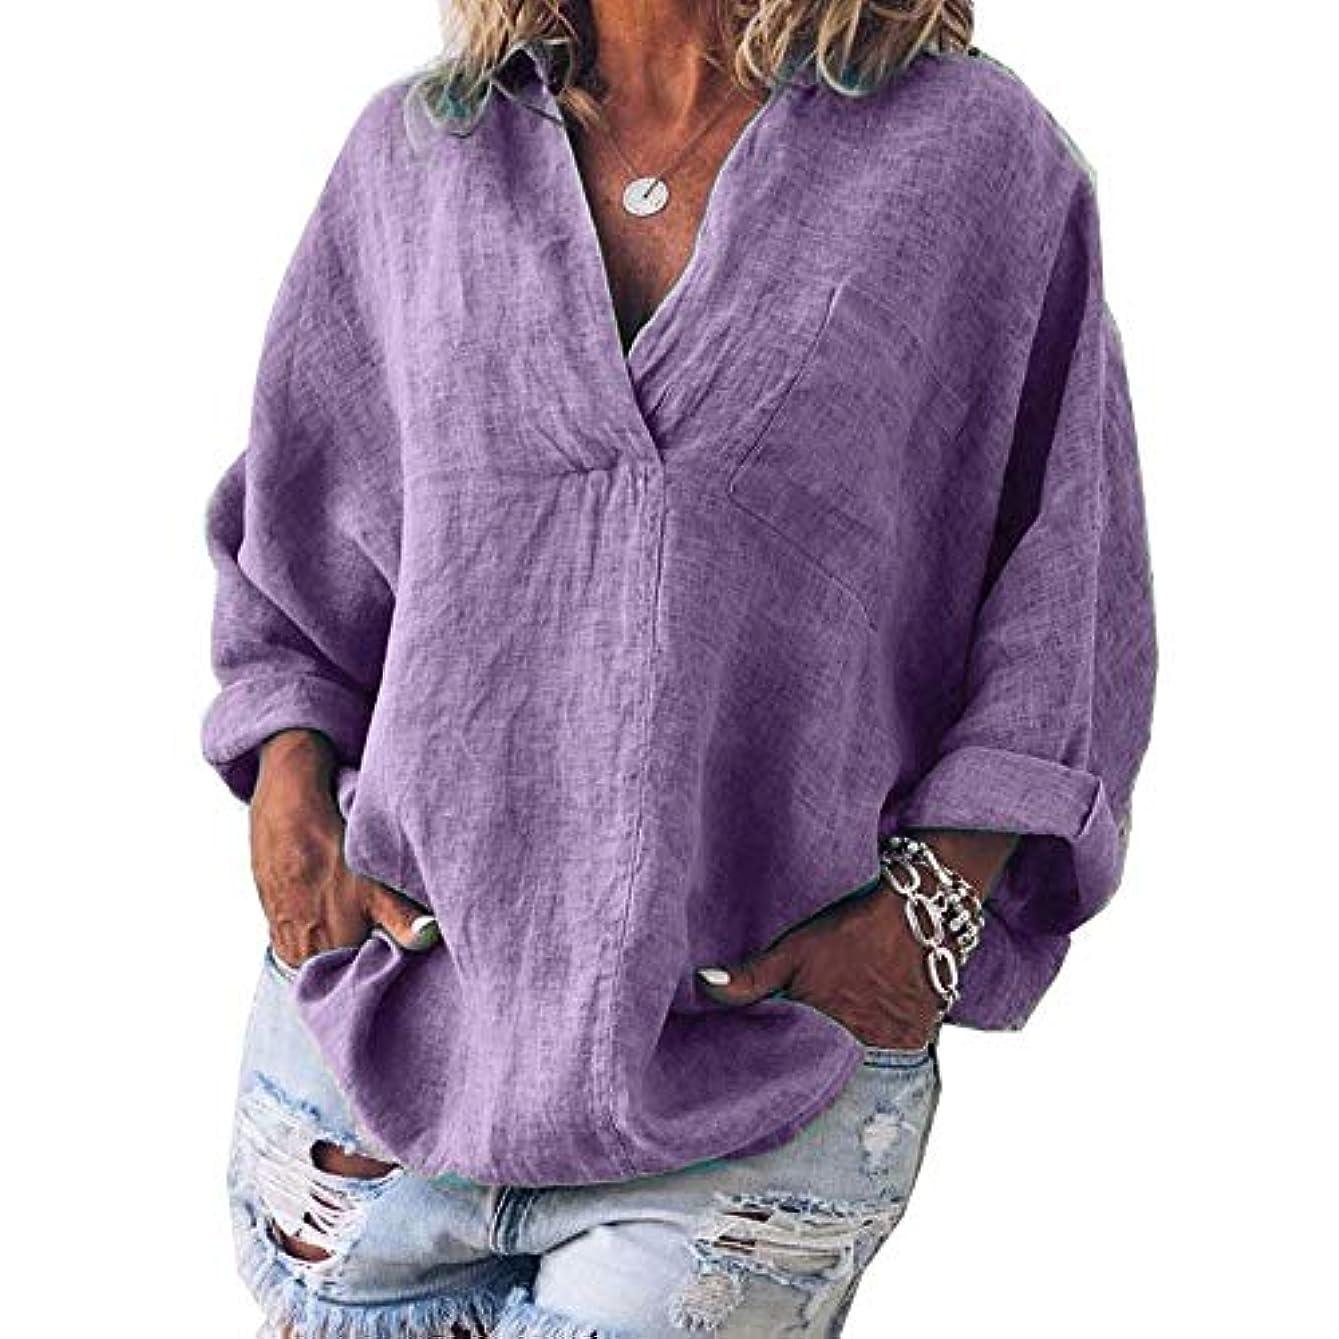 請求書ソフトウェア適用済みMIFAN女性ファッション春夏チュニックトップス深いVネックTシャツ長袖プルオーバールーズリネンブラウス